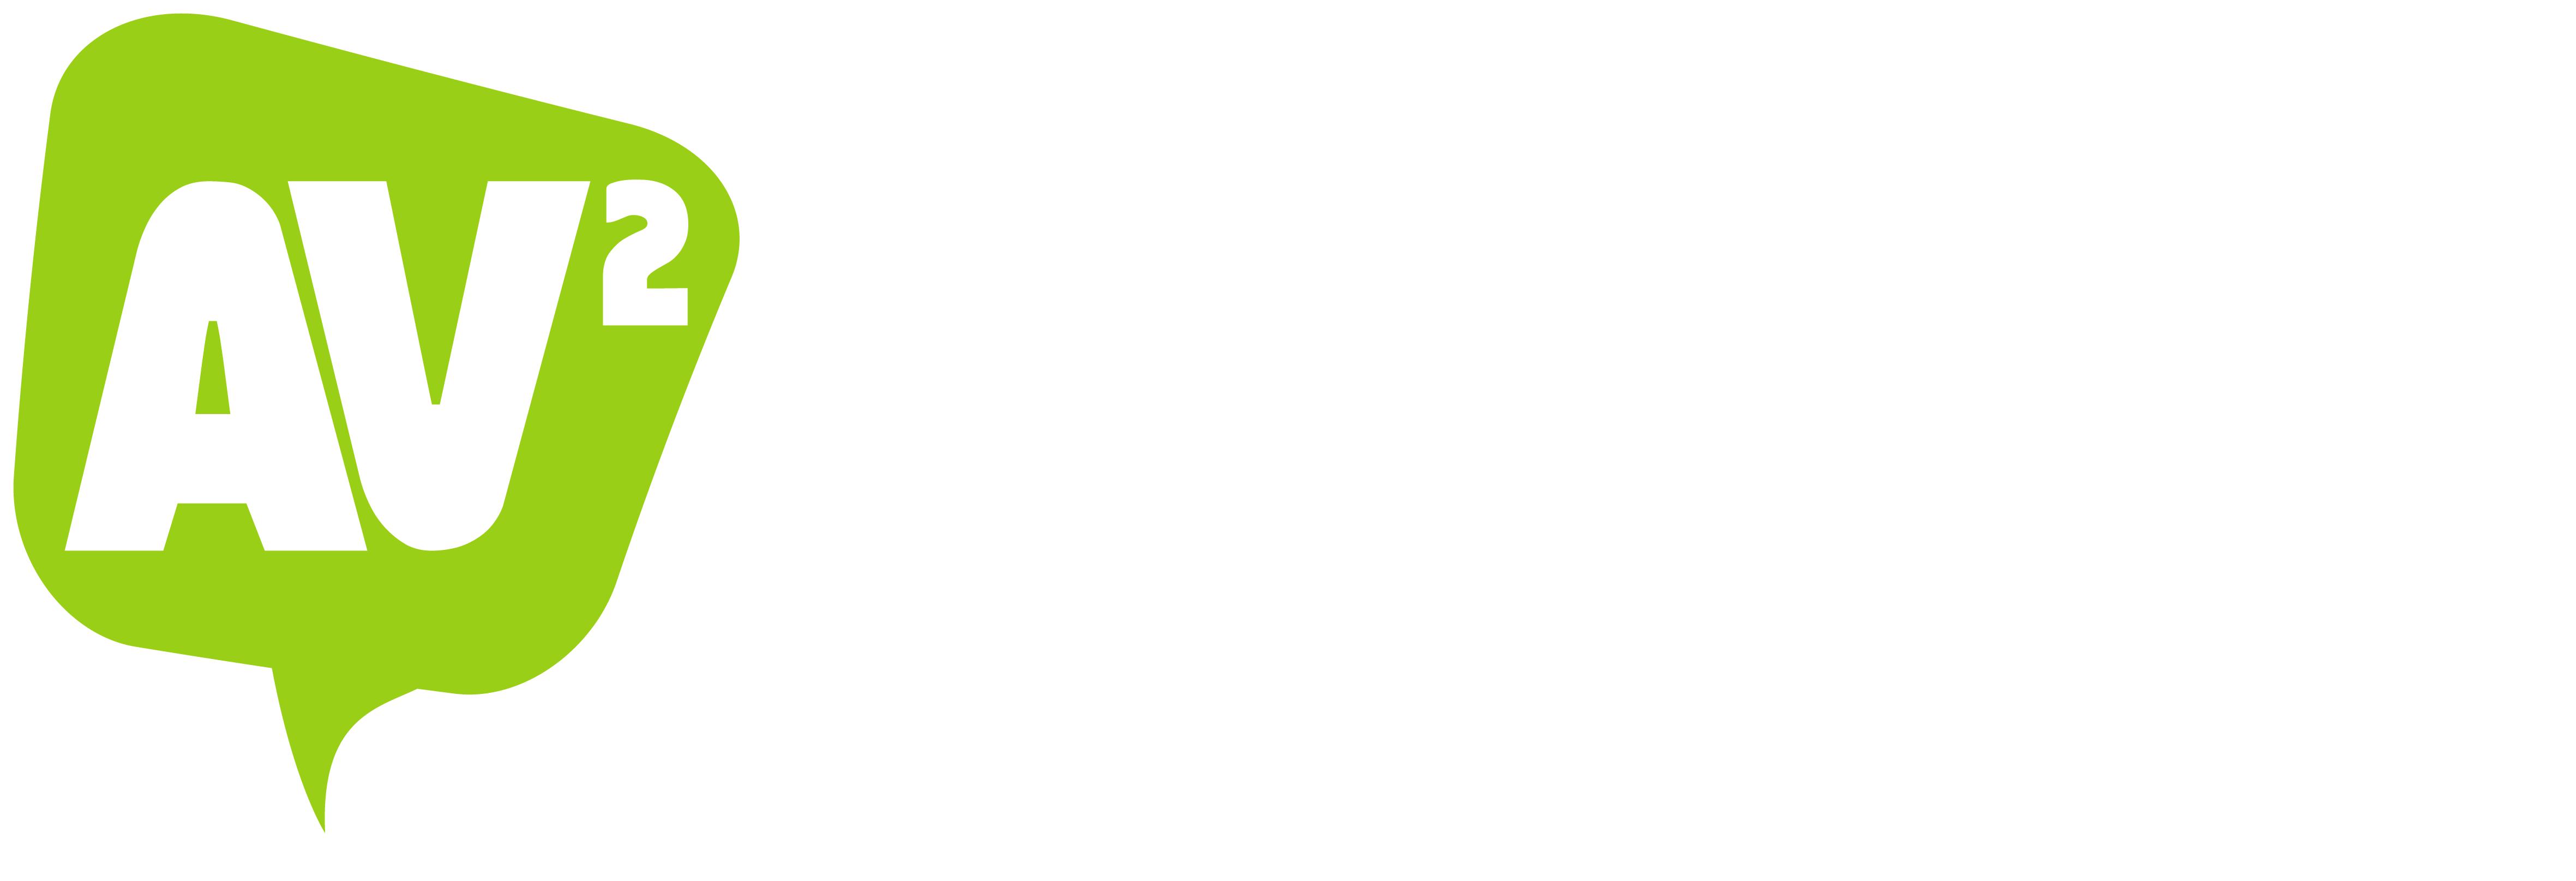 AV2 World Languages logo